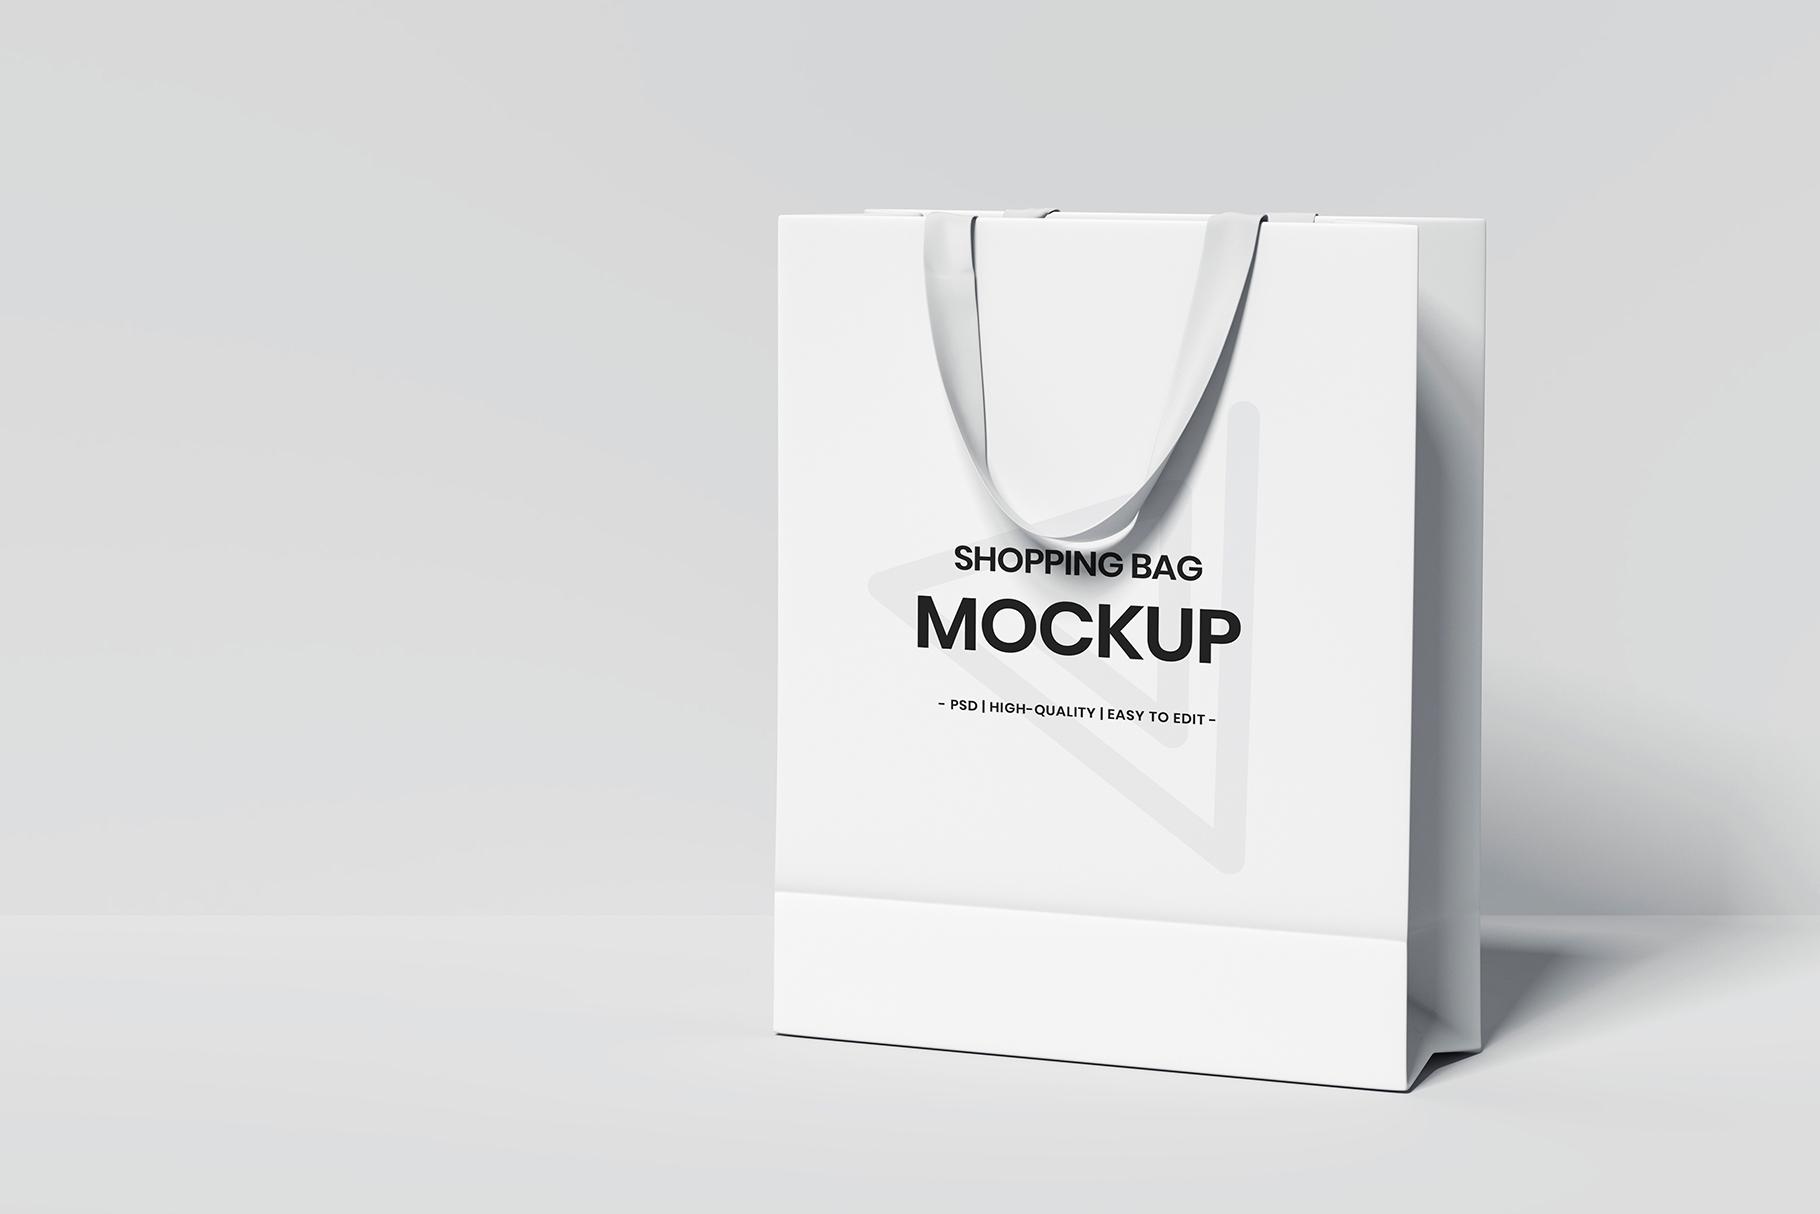 Shopping Bag Mockup On White Background Graphicxtreme